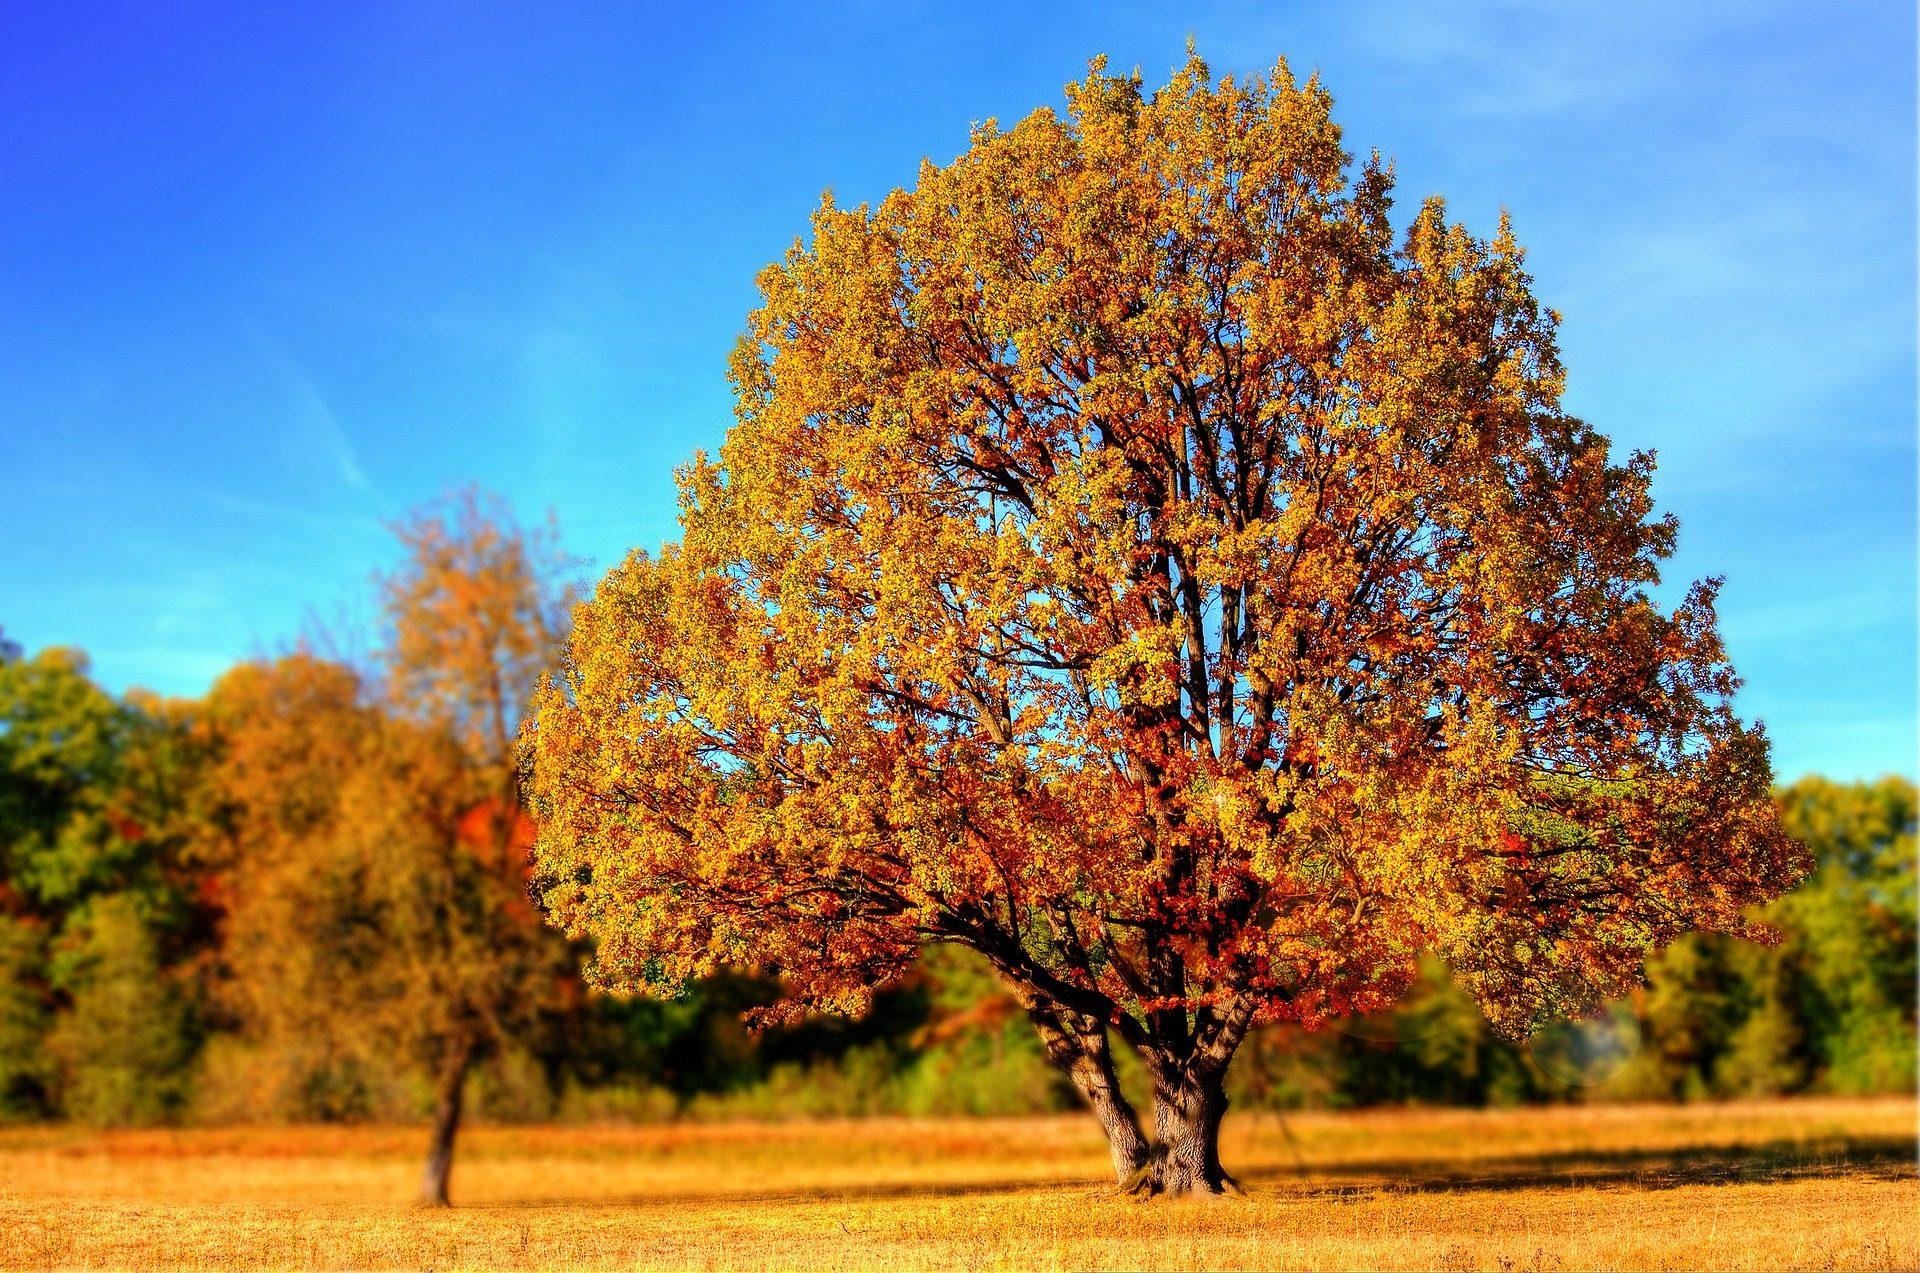 árbol, bosque, otoño, hojas, caducas, dorado - Fondos de Pantalla HD - professor-falken.com